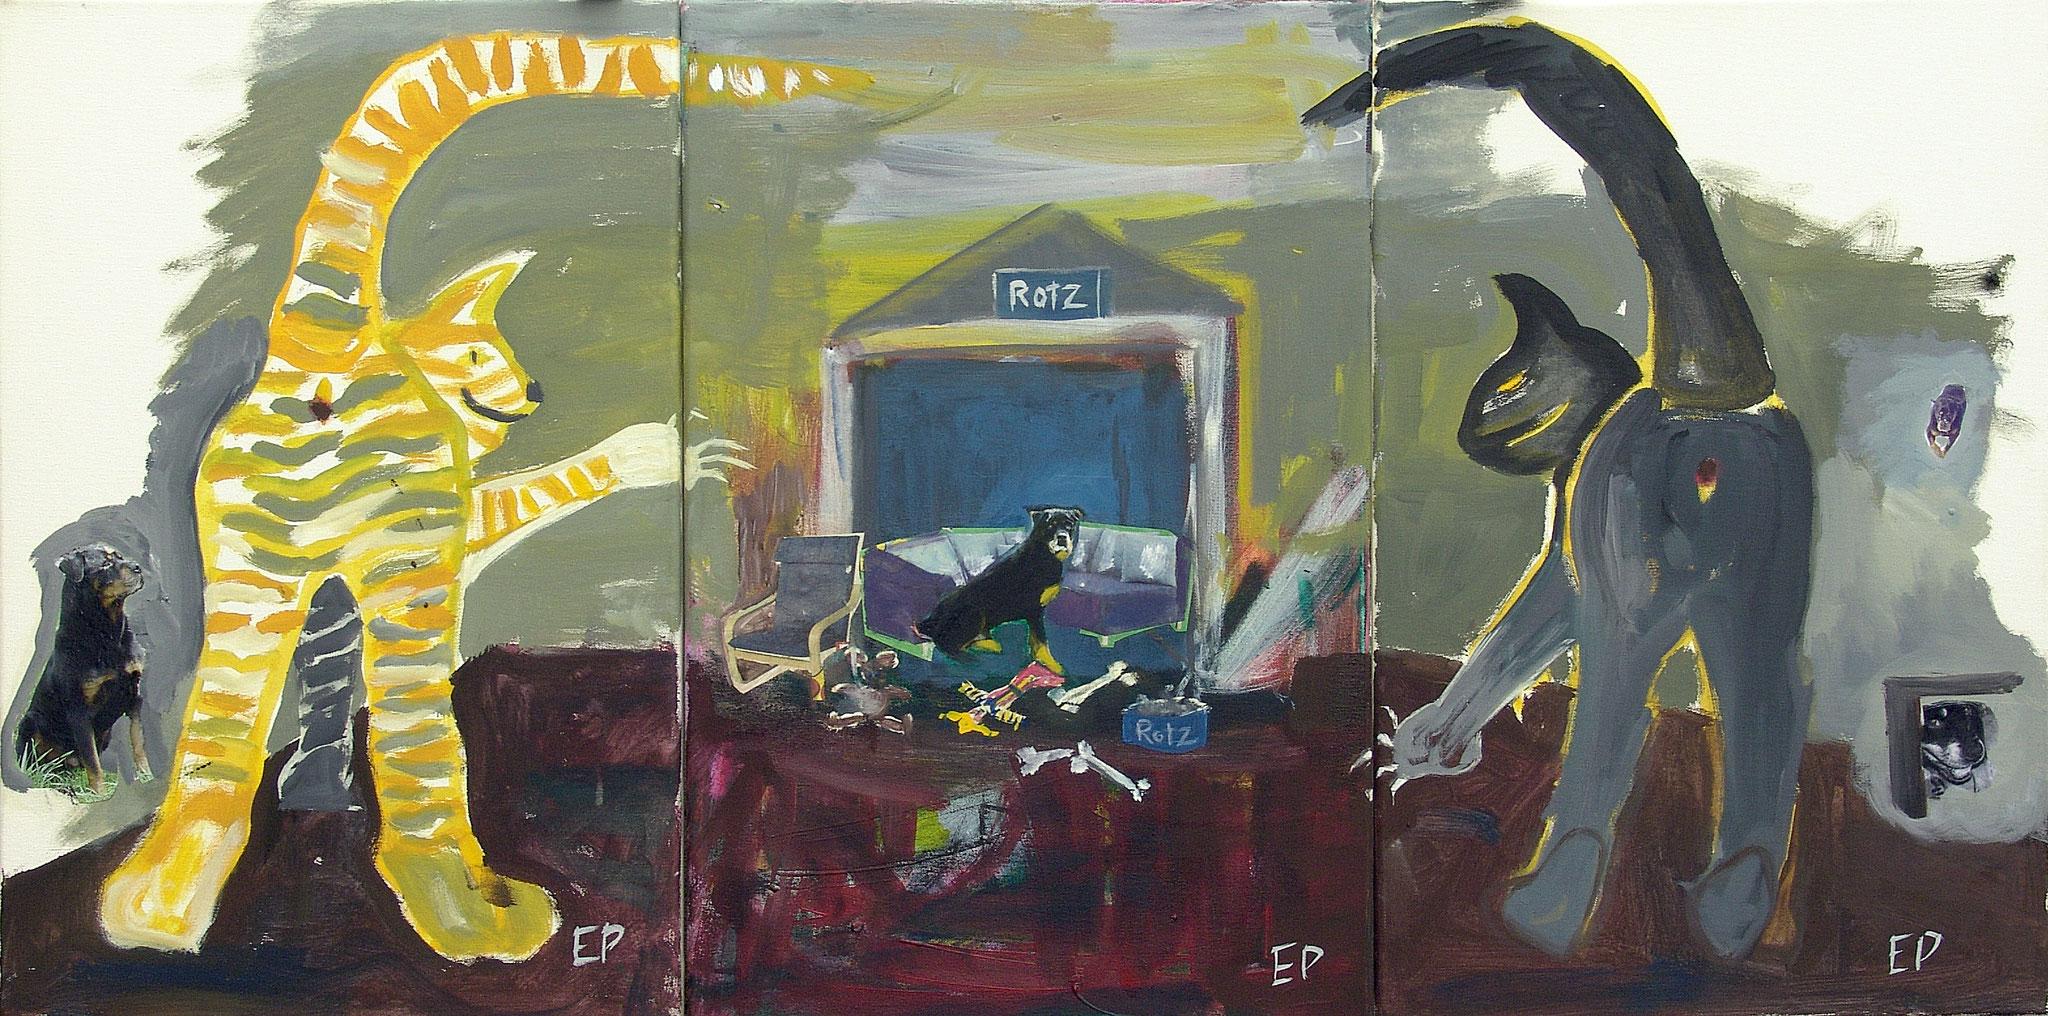 Eva Priller: Motz und Murkel diese beiden konnten Rotti Rotz nicht leiden, 2010, Malerei/Collage auf Leinwand 3x40x60cm